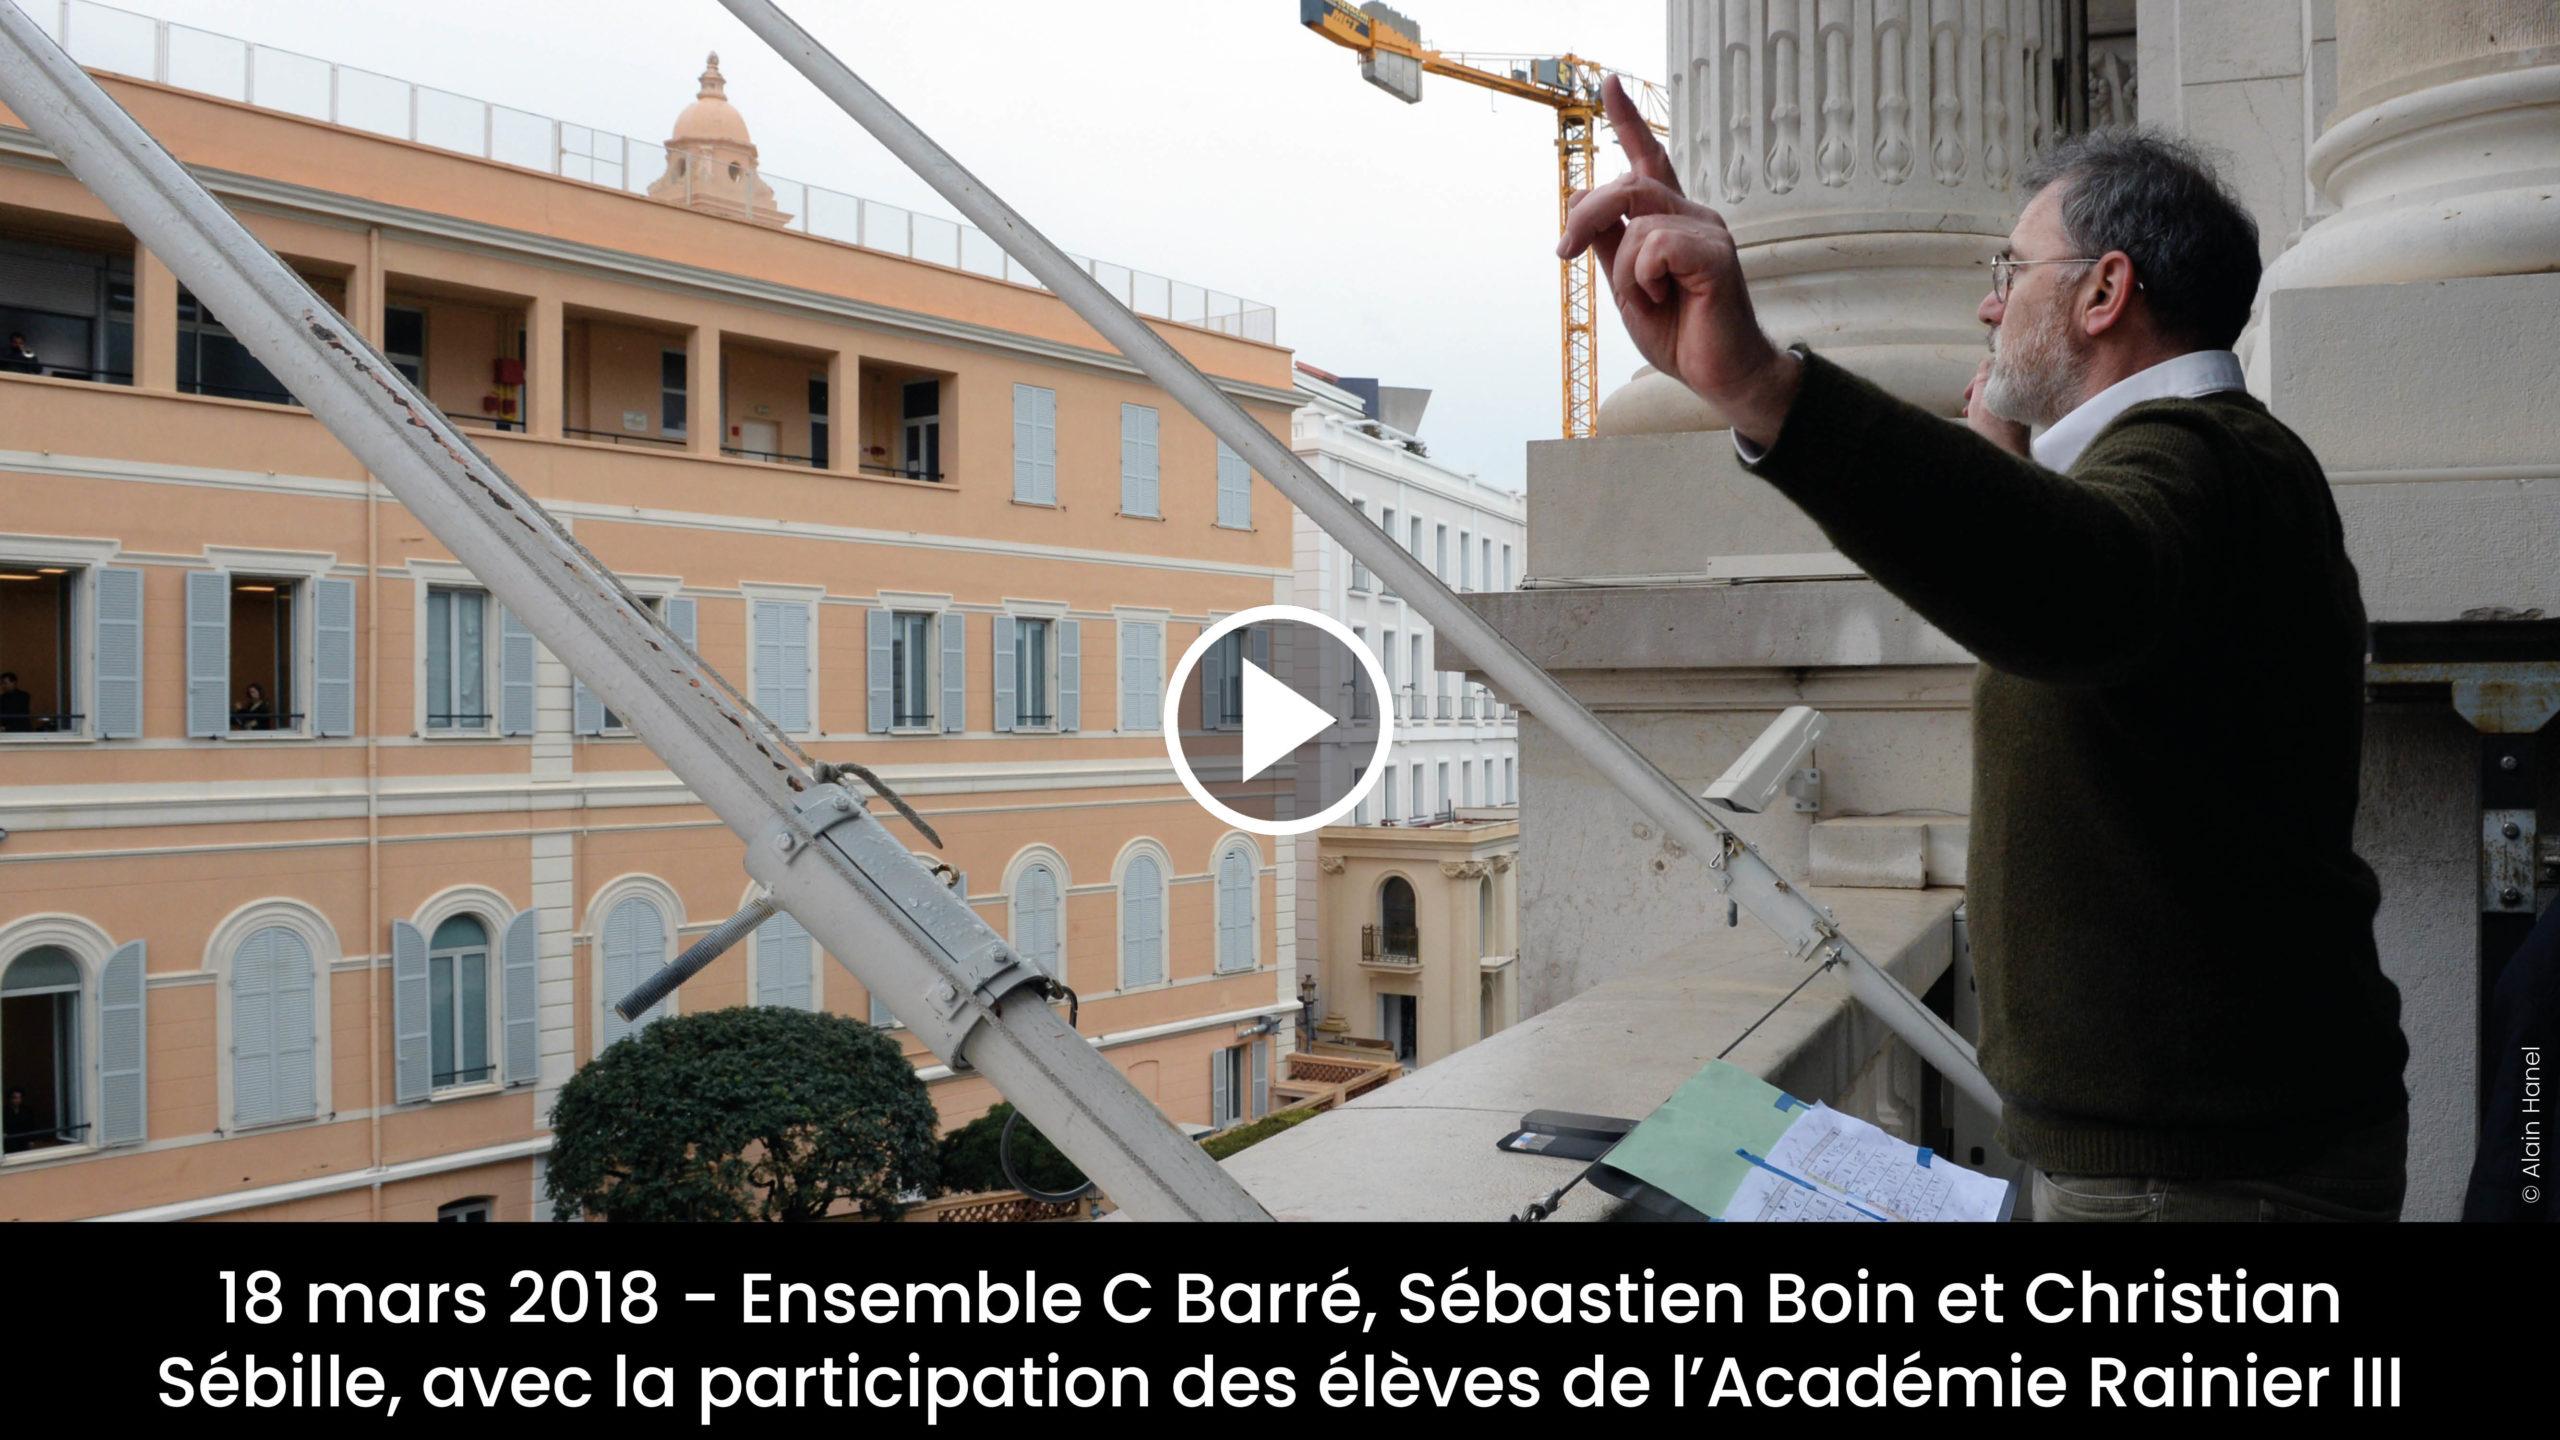 Monaco Music Forum – C Barré, Sébastien Boin, Christian Sébille et élèves de l'Académie Rainier III